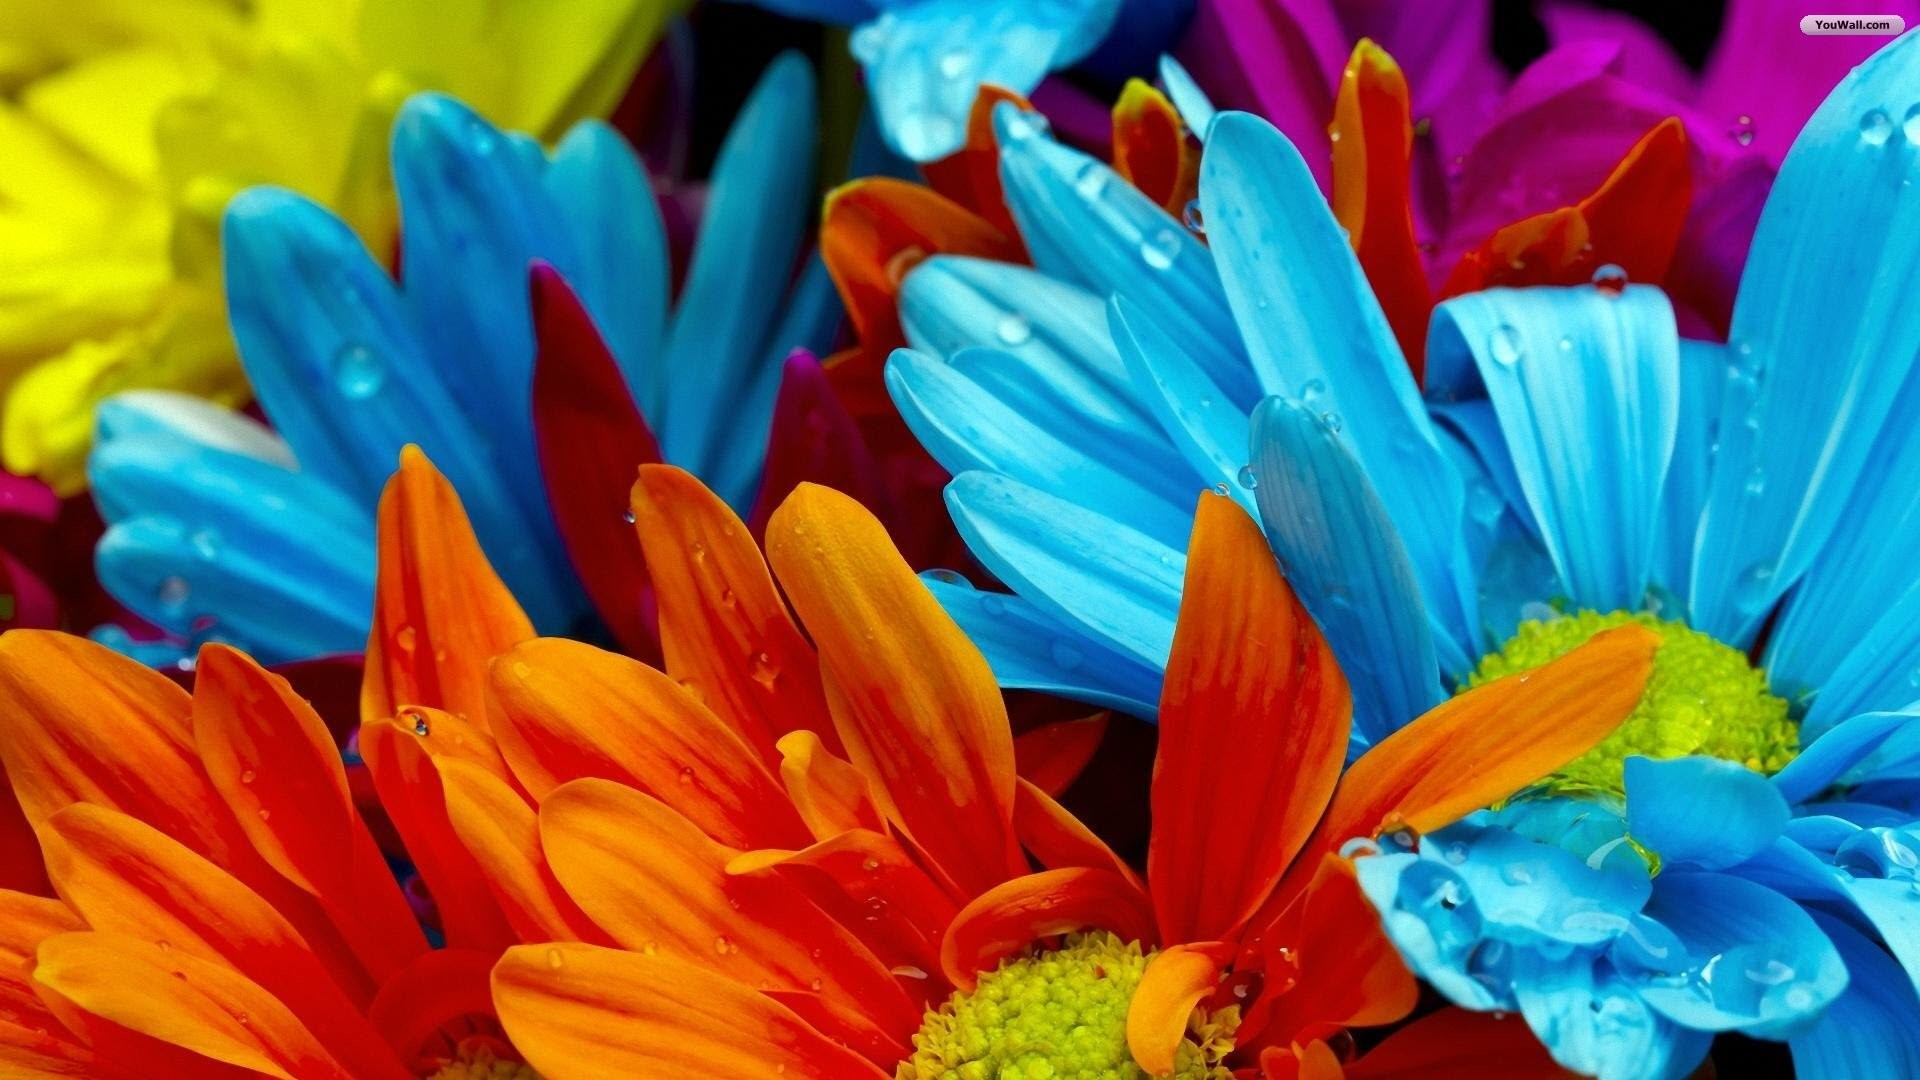 1920x1080 Summer Flowers Wallpapers Background Download 2560x1600 Desktop